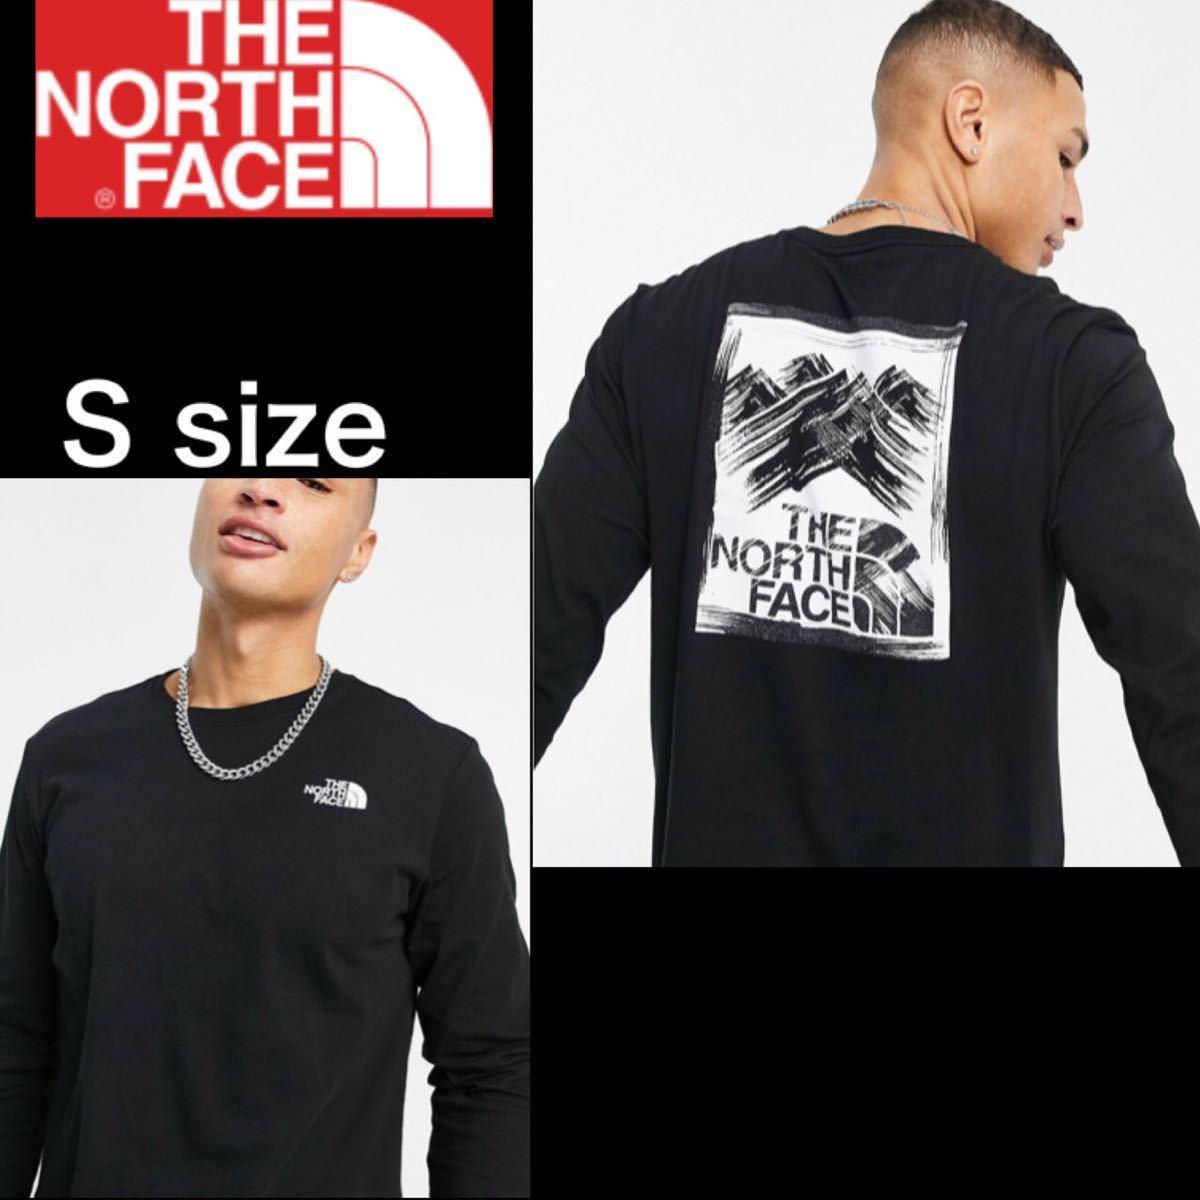 ザ ノースフェイス Tシャツ長袖 ロンT ストロークマウンテン 海外限定 S THE NORTH FACE 長袖Tシャツ 新品